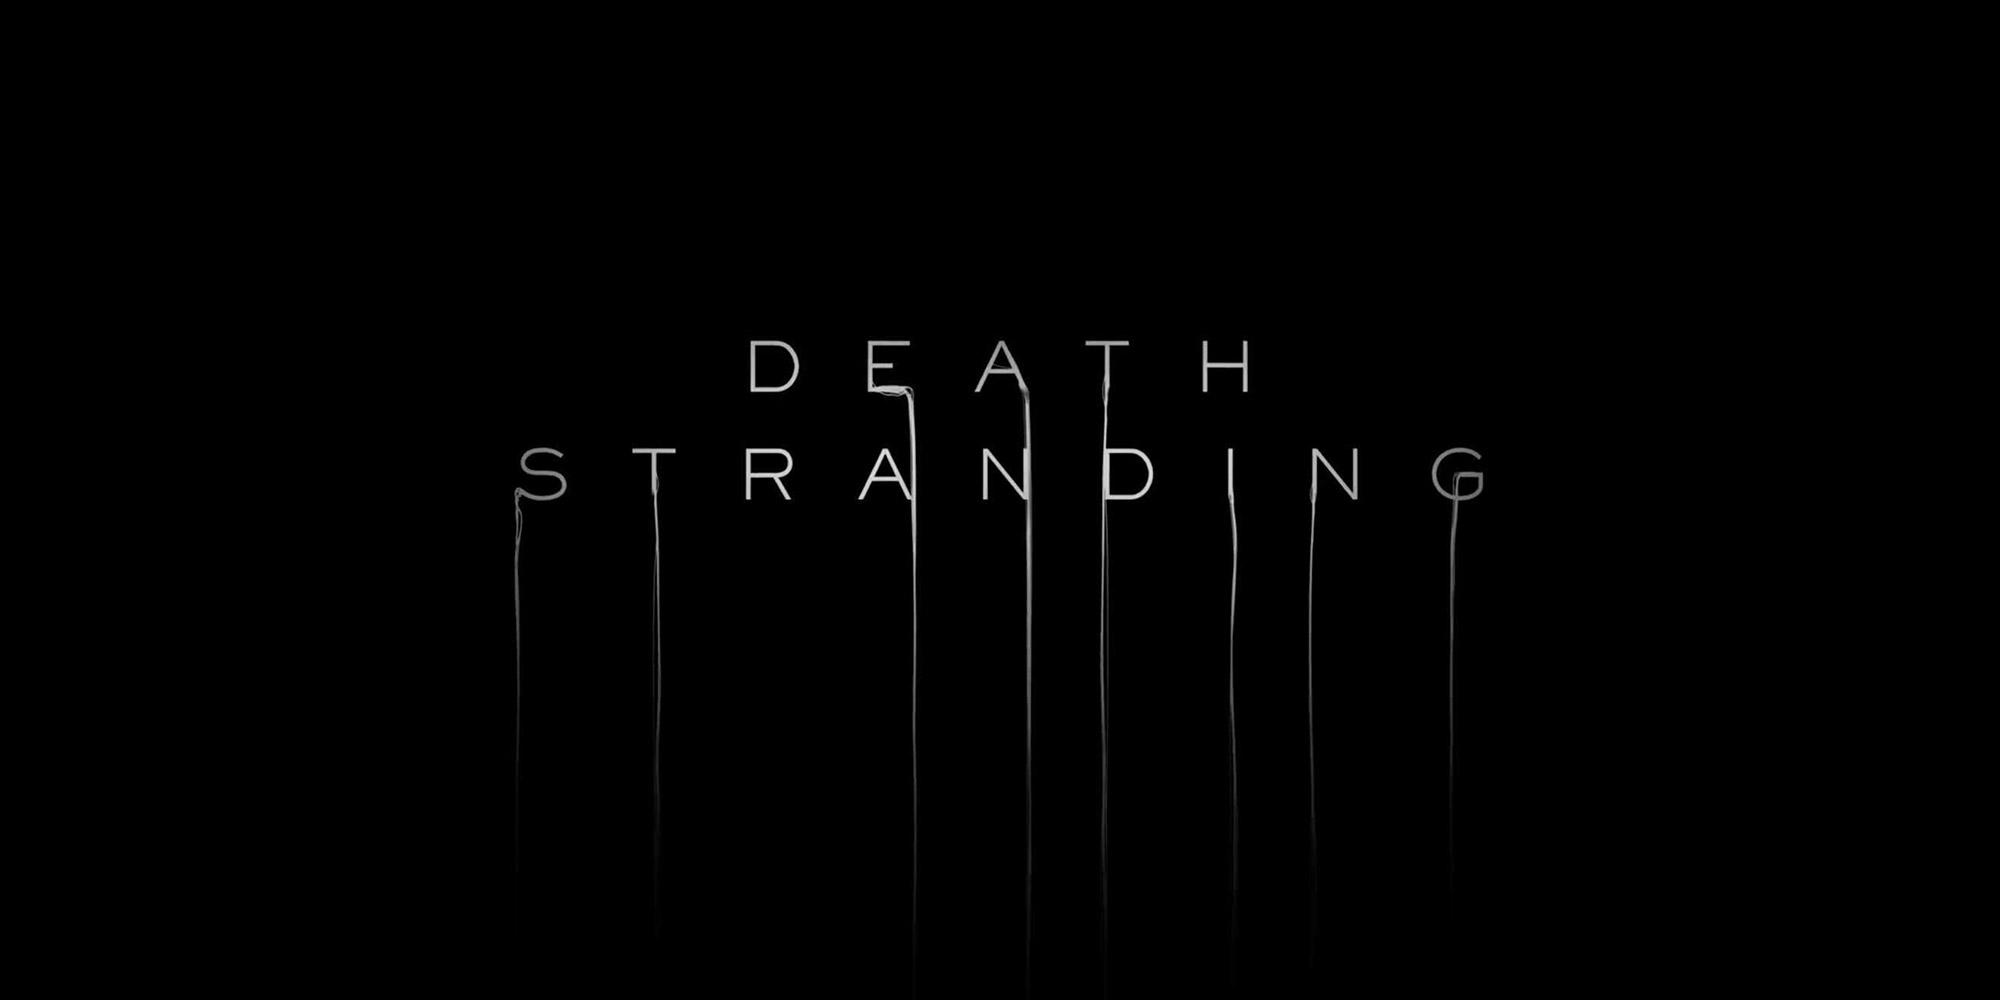 Death Stranding : Date, éditions spéciales et gameplay 4K !